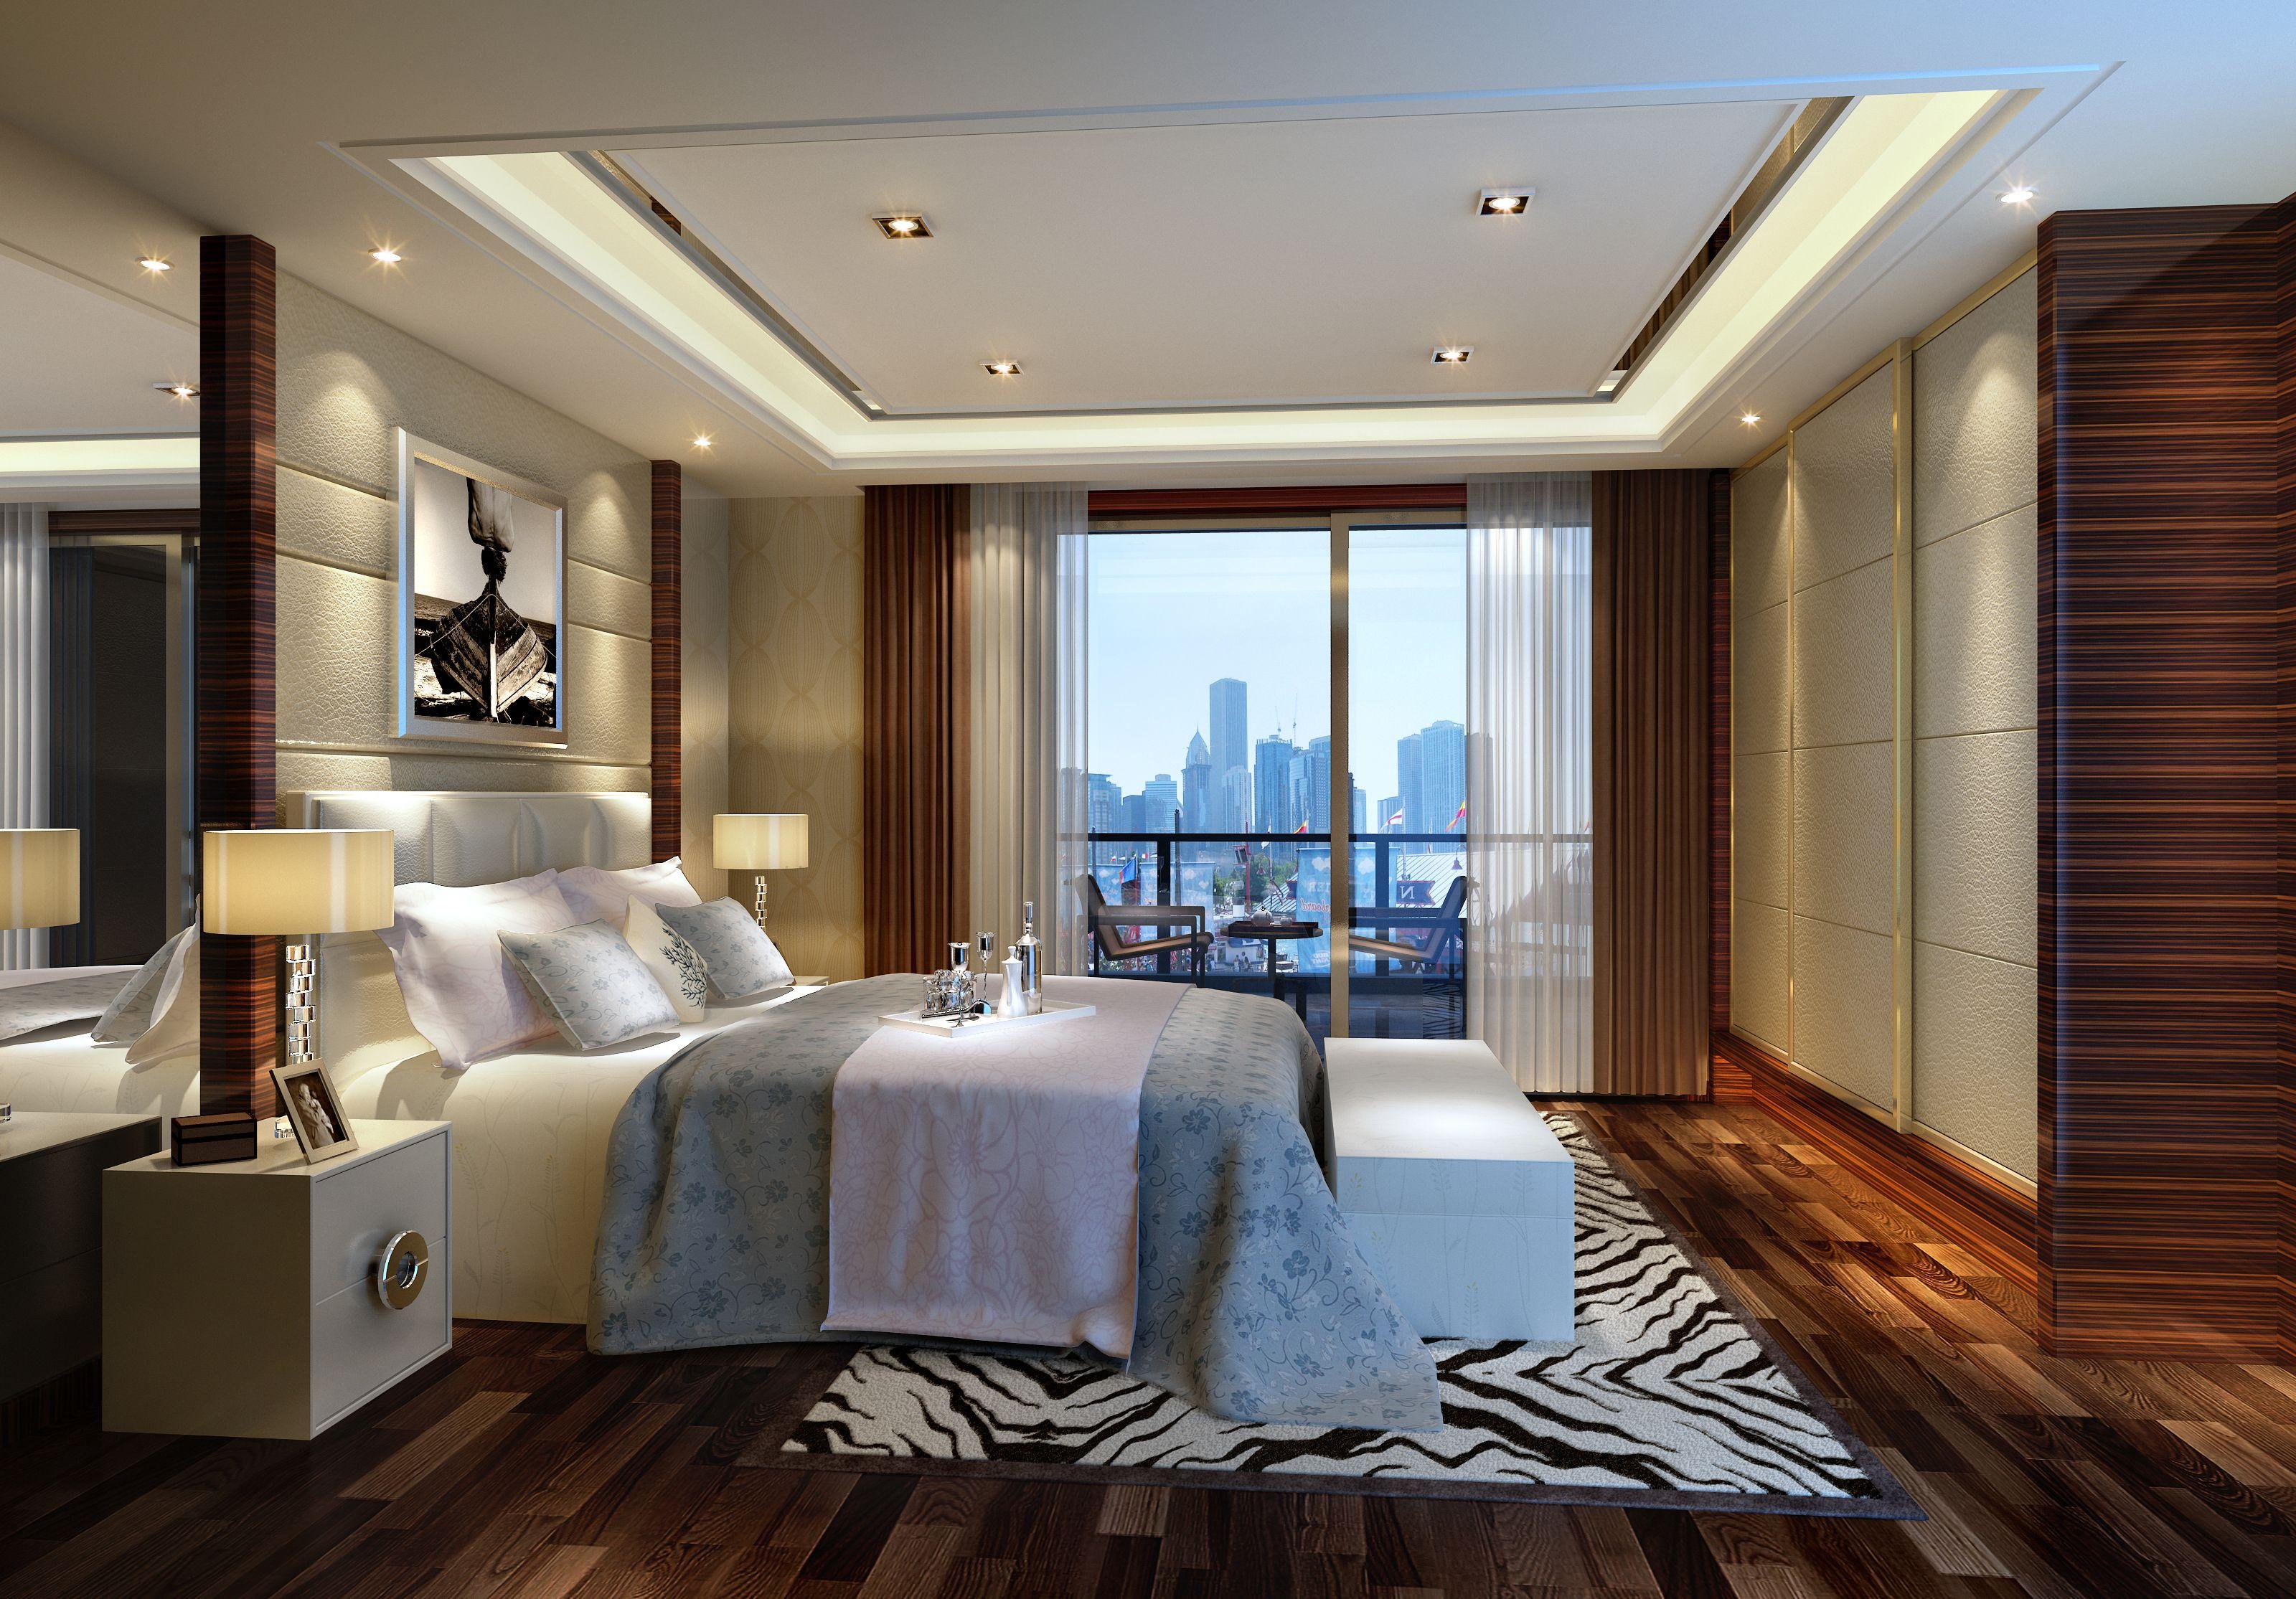 现代风格 三居 别墅 客厅 卧室 旧房改造图片来自成都龙发装饰有限公司在华侨城天鹅堡160㎡现代风格13万的分享